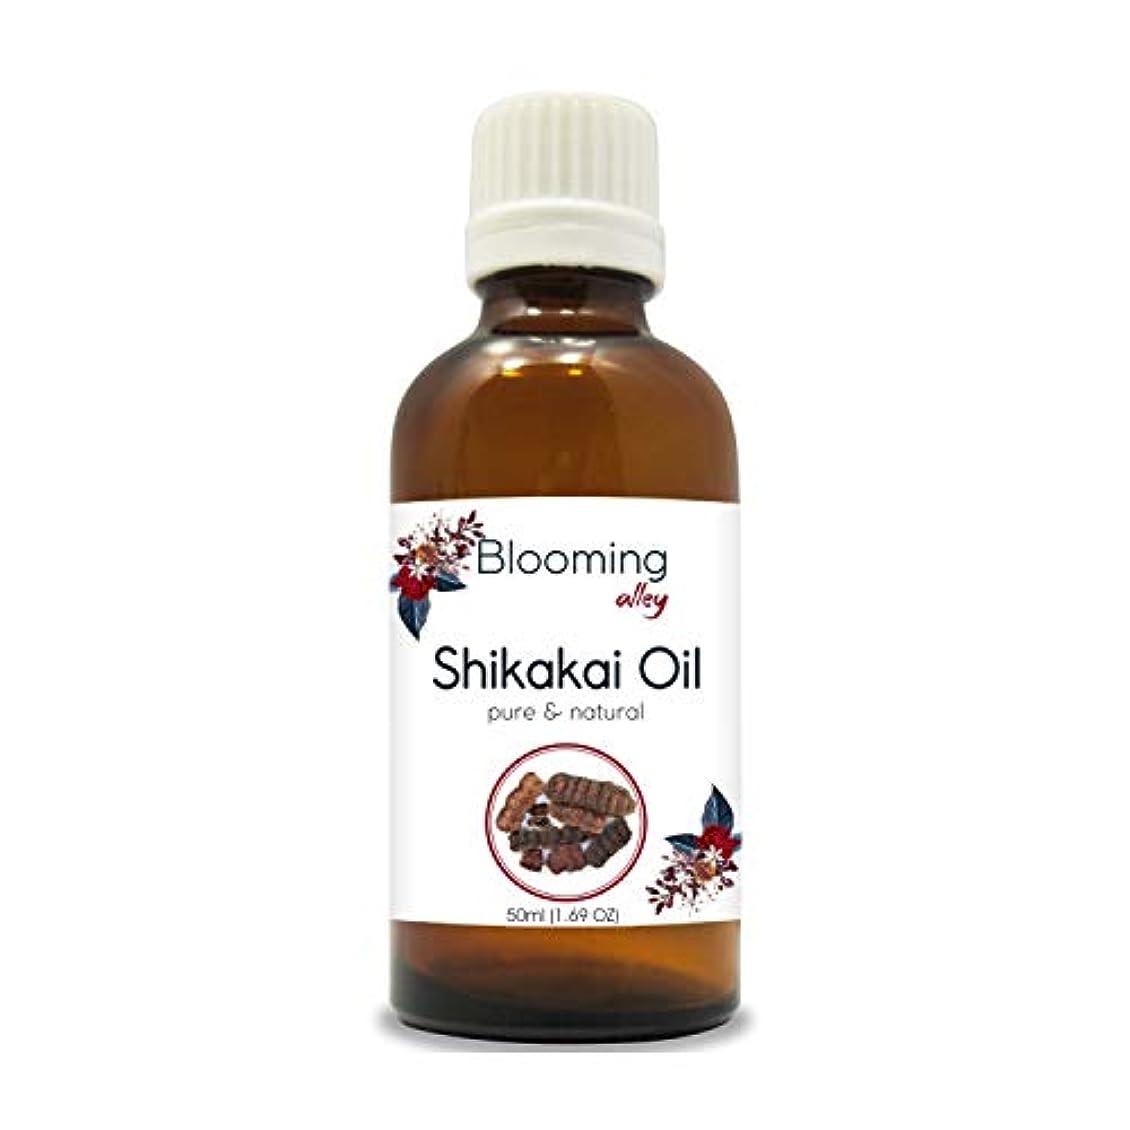 雨のモード医療過誤SHIKAKAI OIL 100% NATURAL PURE UNDILUTED UNCUT OIL 50ML